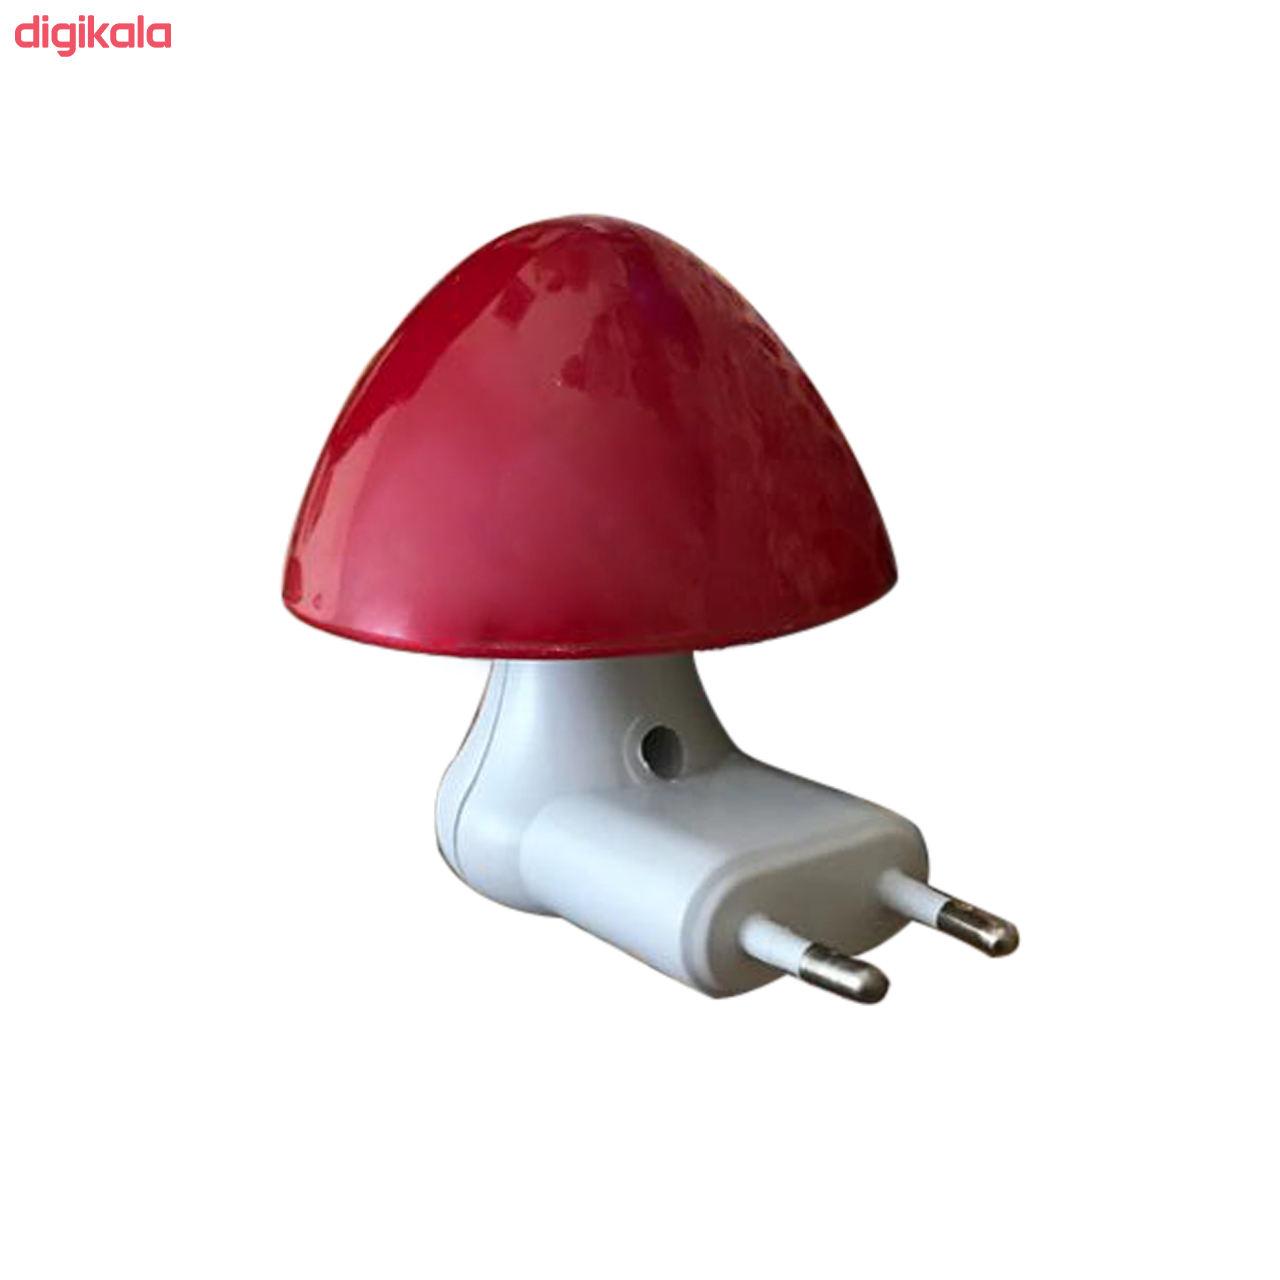 چراغ خواب کودک پارسی نو مدل Mushroom main 1 3